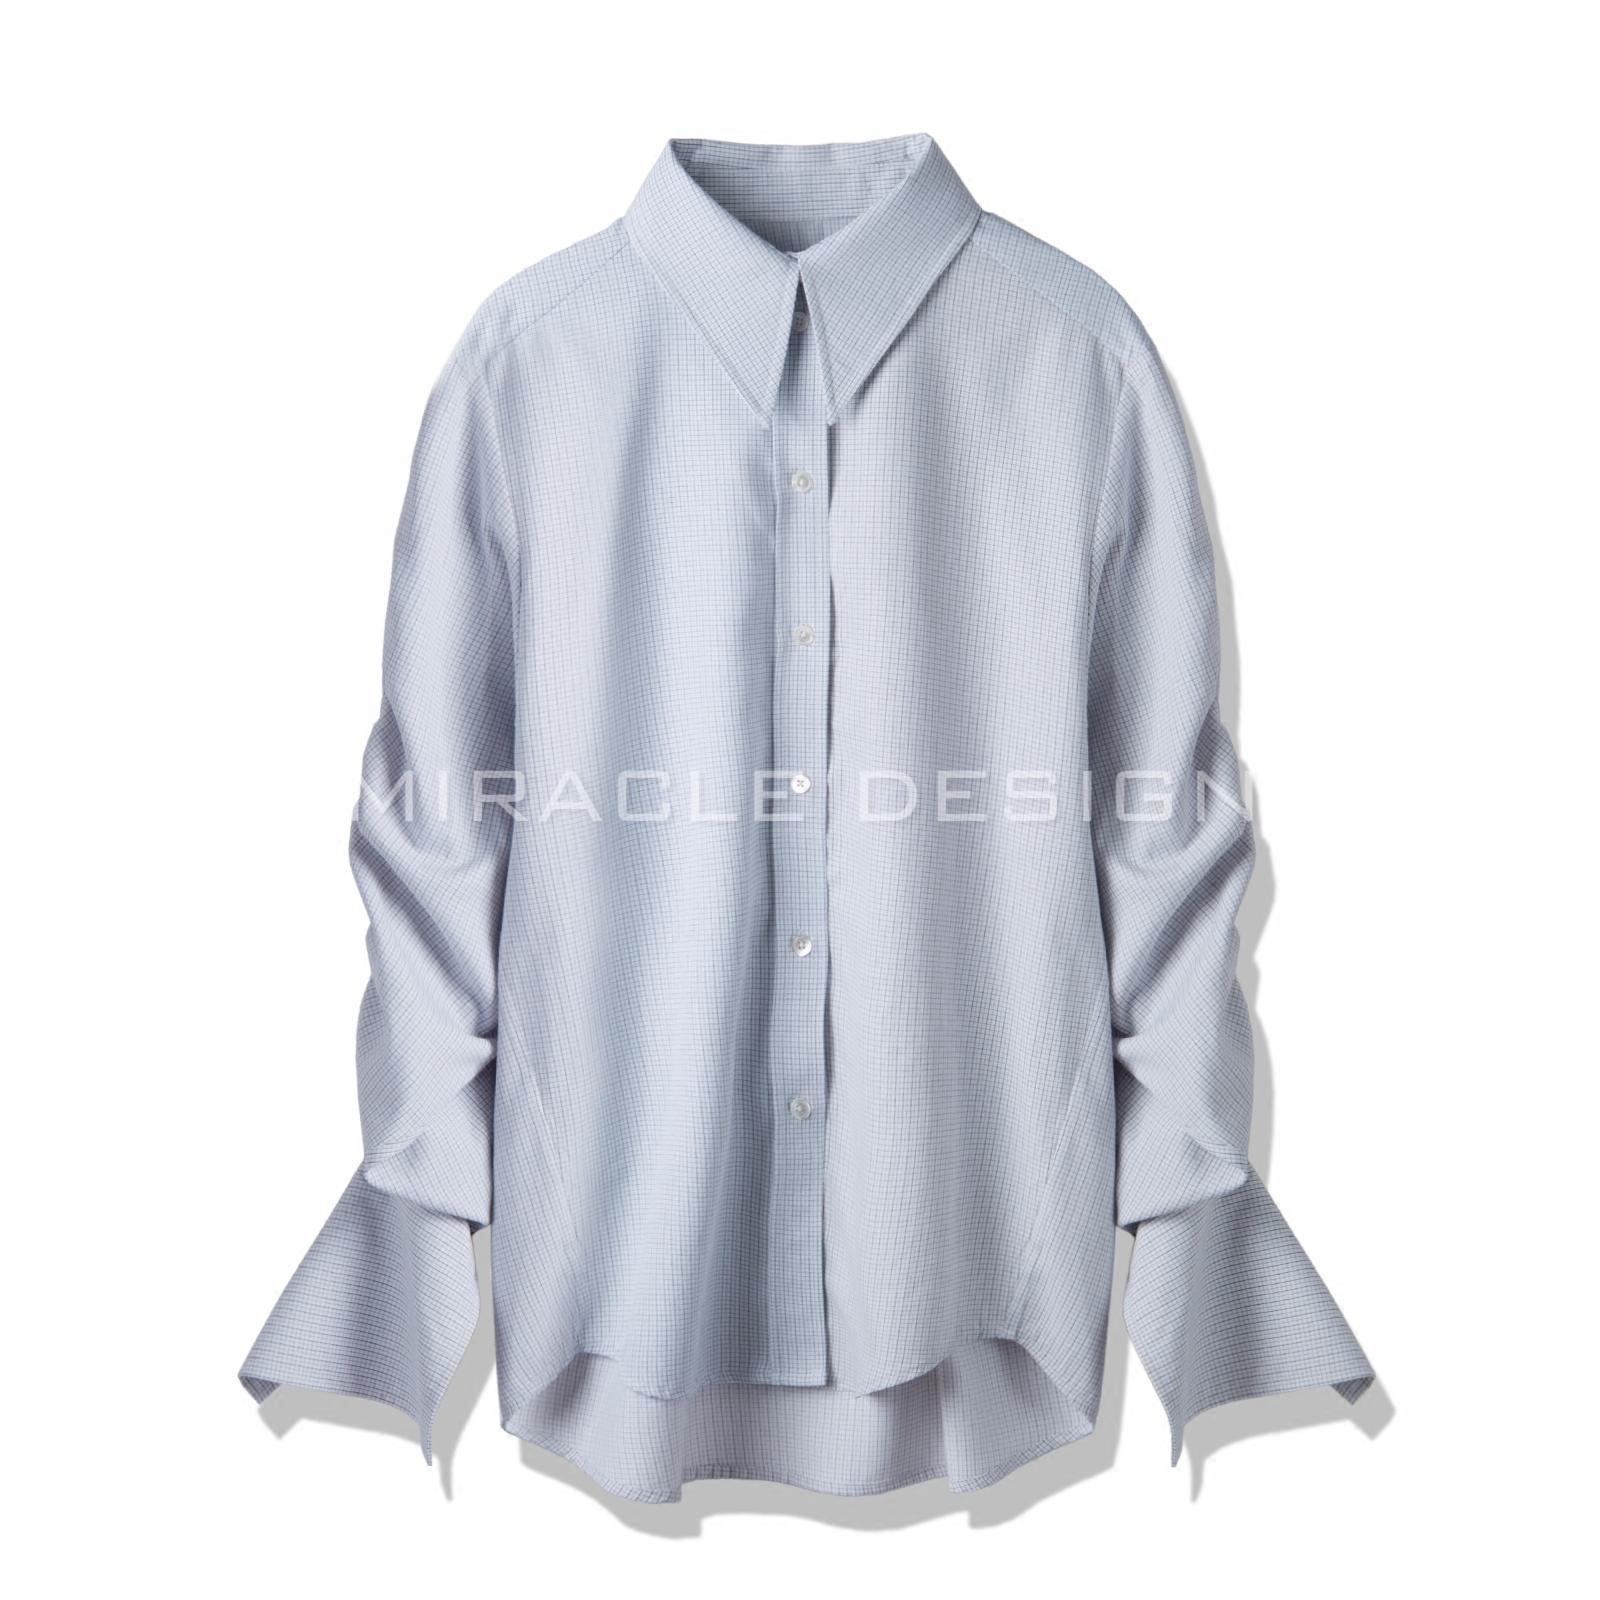 镶边纯棉衬衣